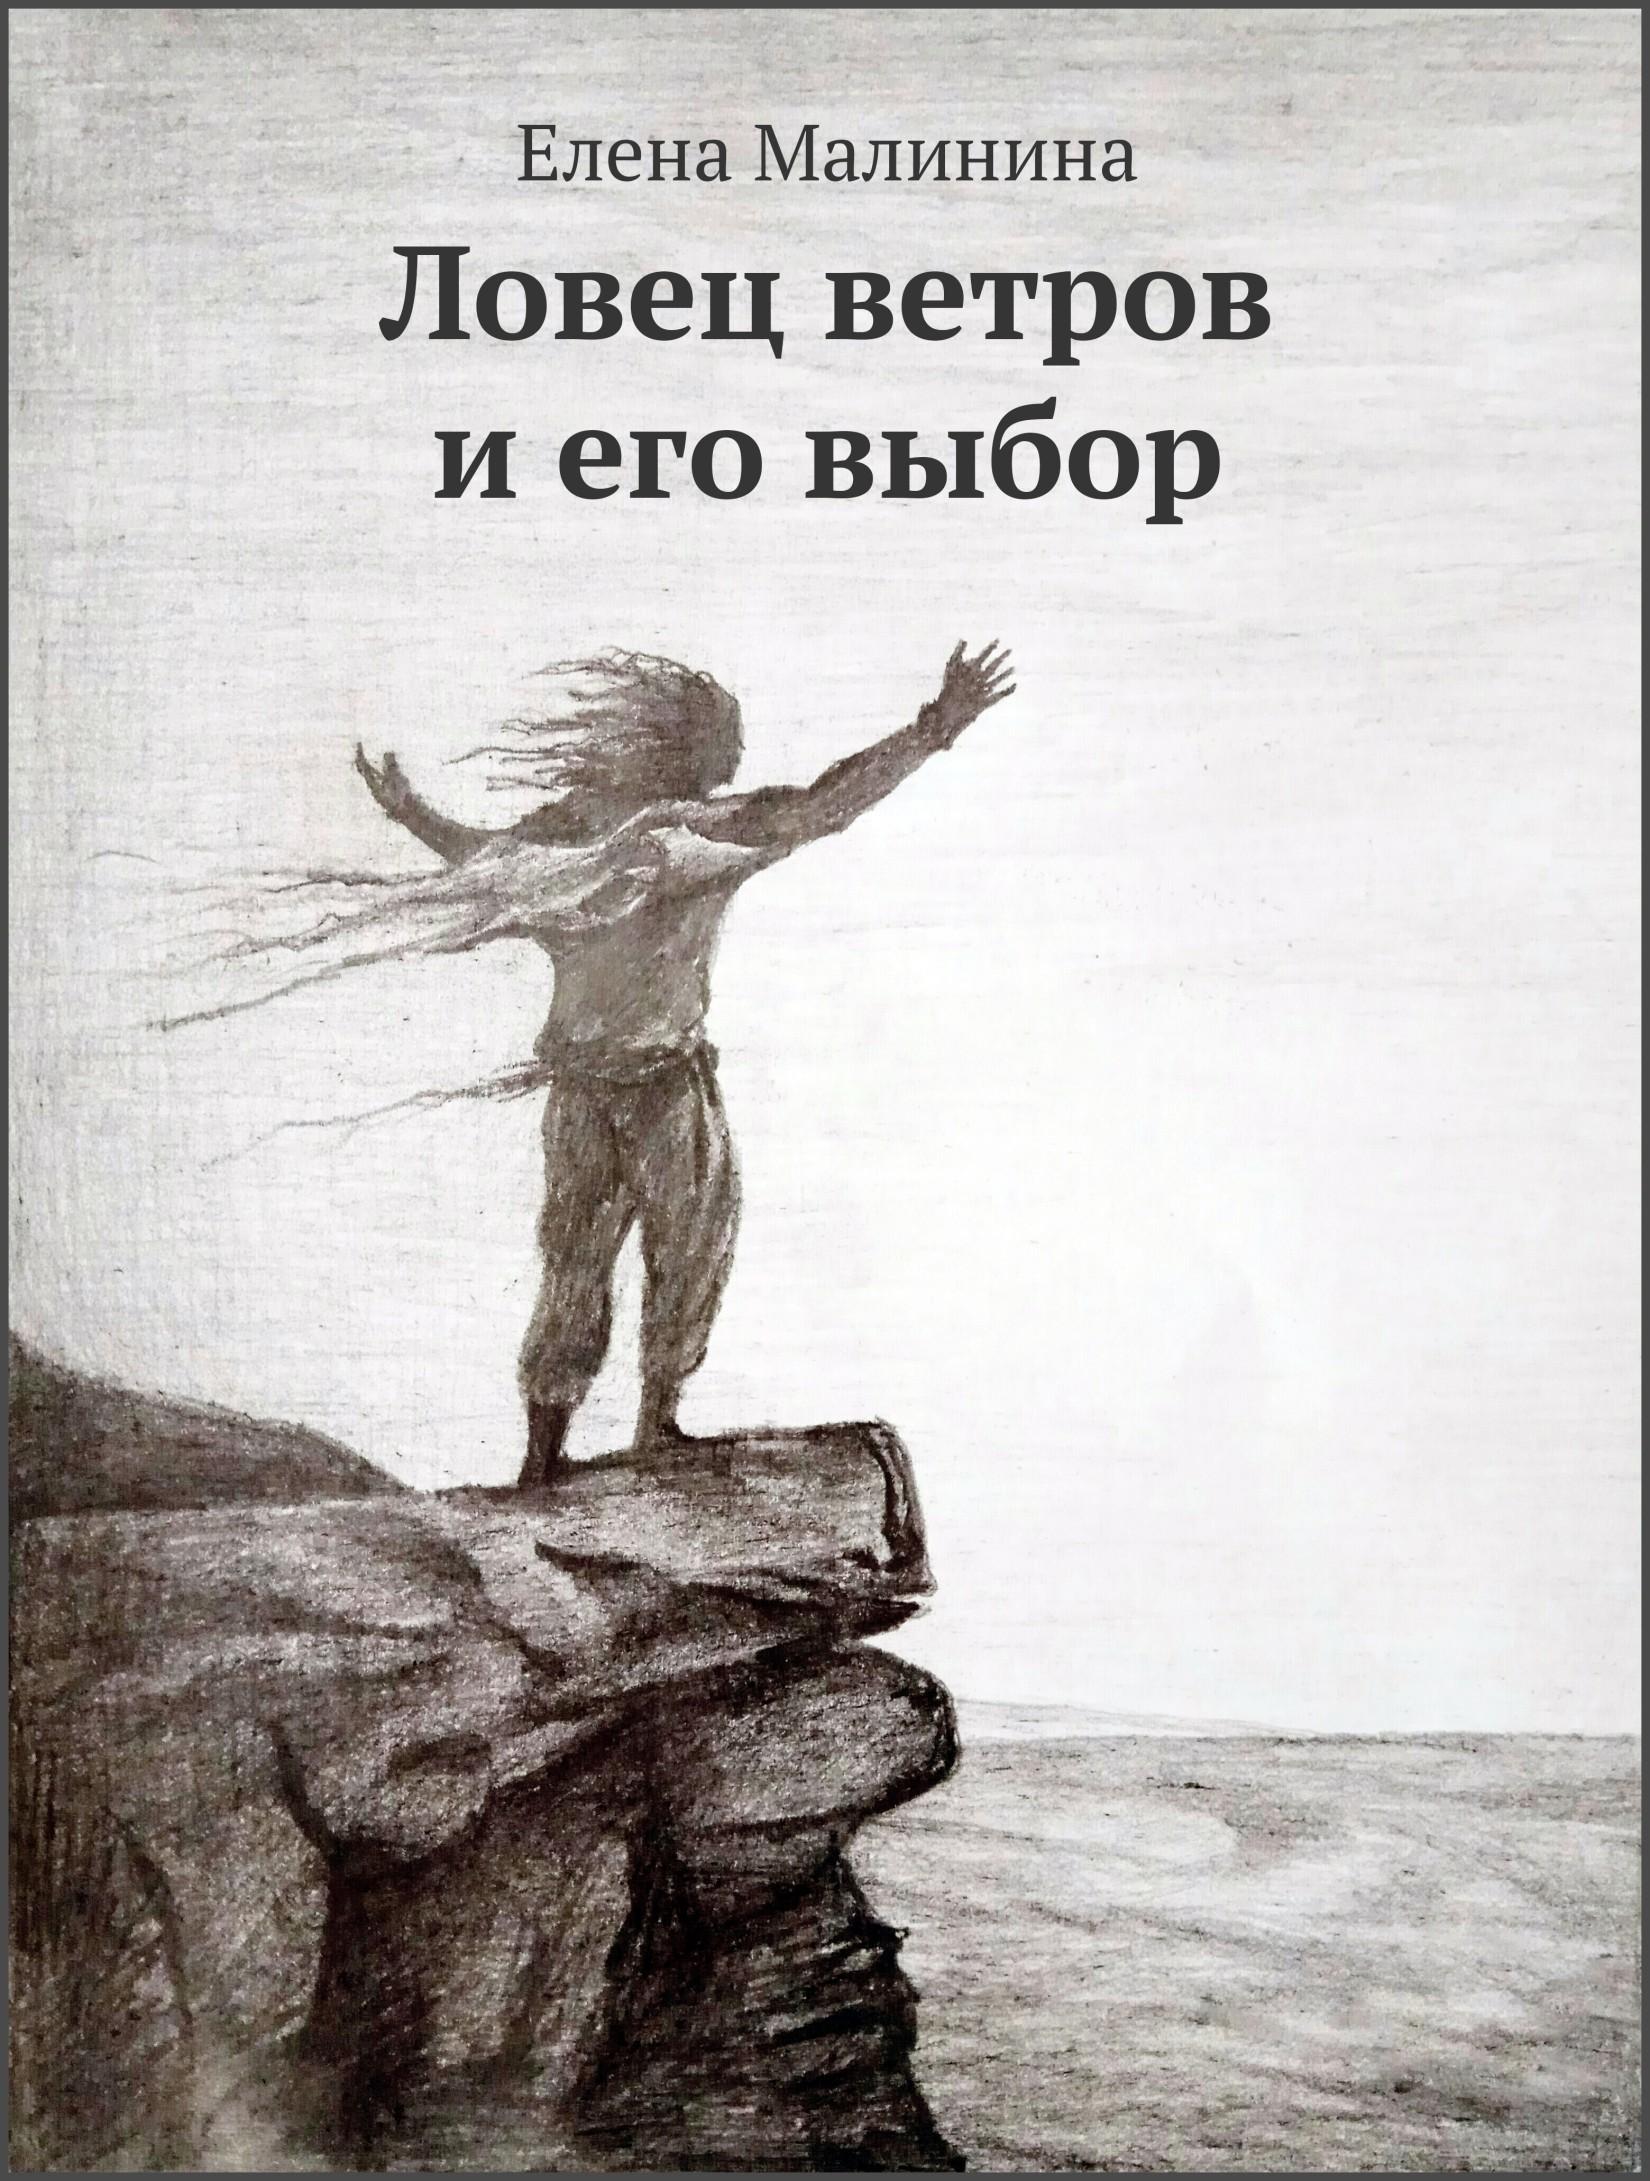 Скачать Ловец ветров и его выбор быстро